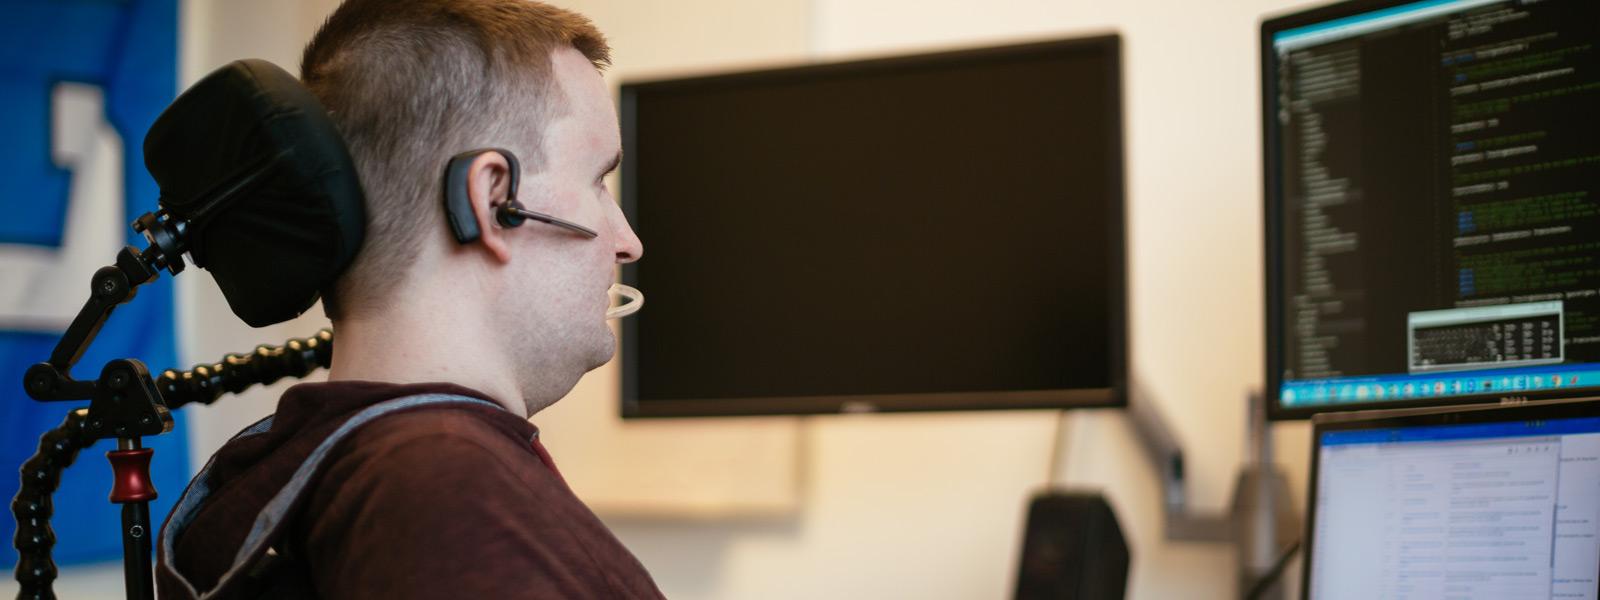 Mężczyzna za biurkiem korzystający ze sprzętowych technologii asystujących w celu obsługiwania komputera z systemem Windows 10 za pomocą wzroku